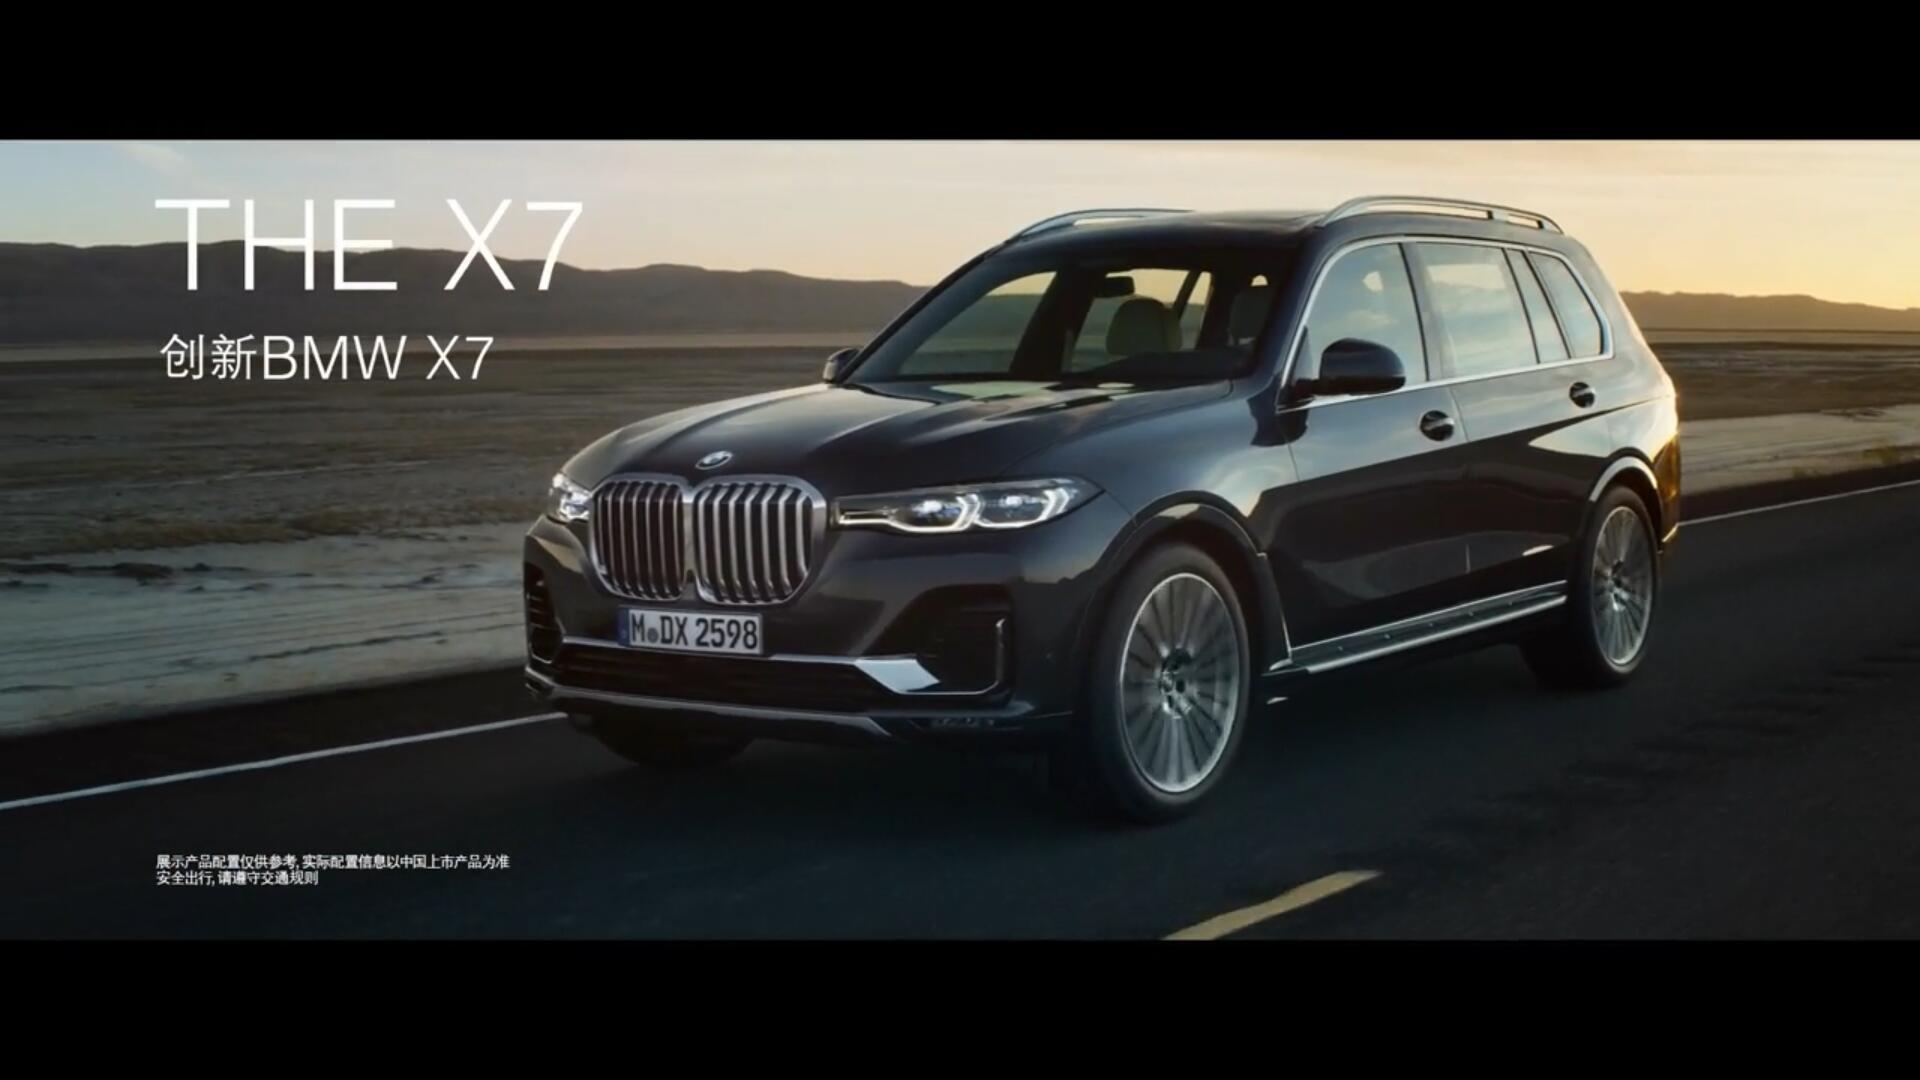 创新bmw x7-宝马汽车广告